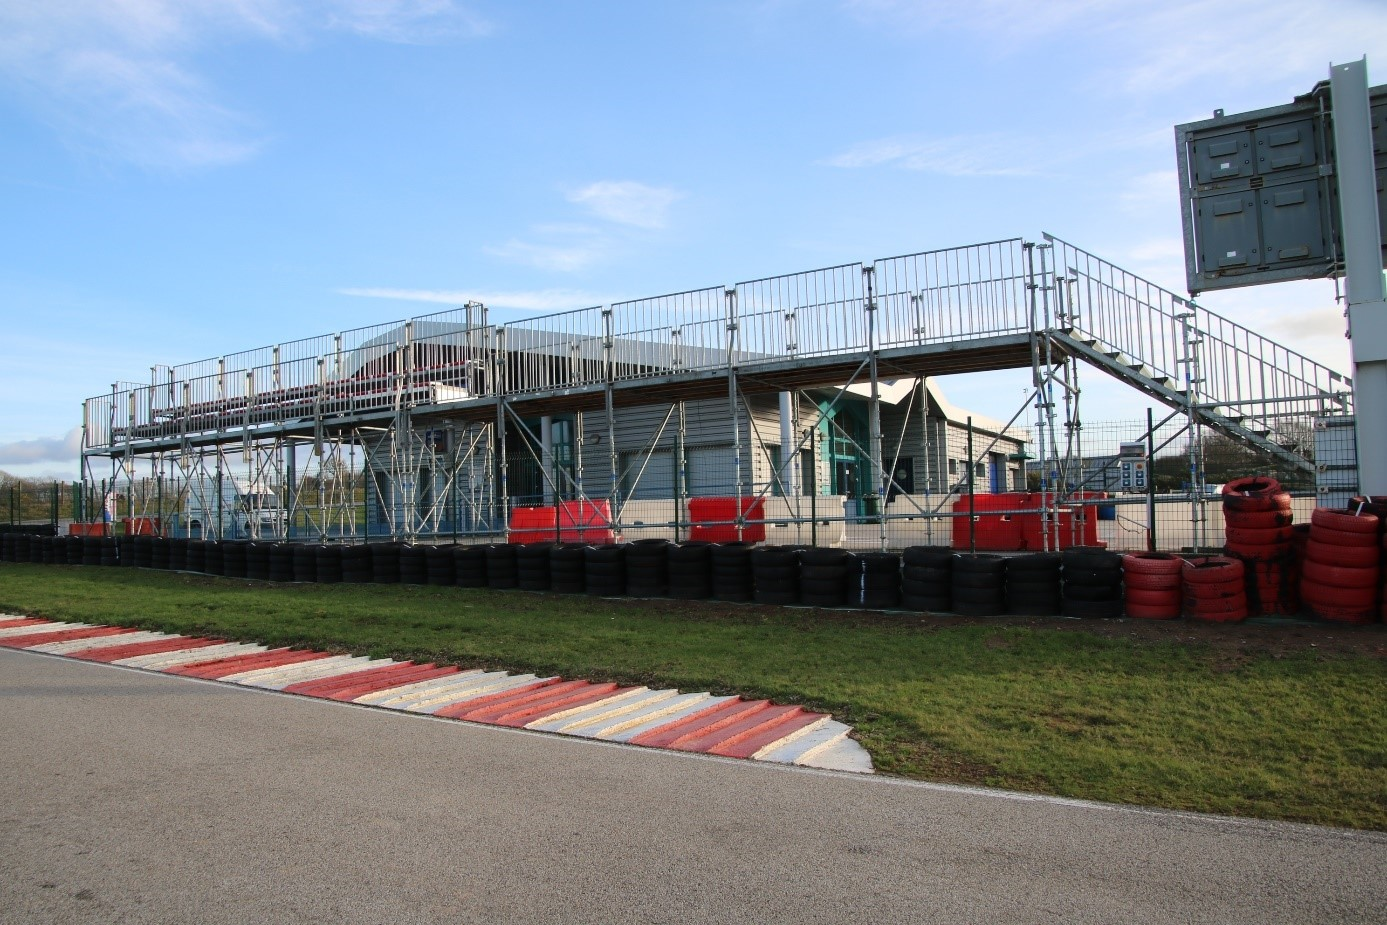 Passerelle vue de la piste de karting